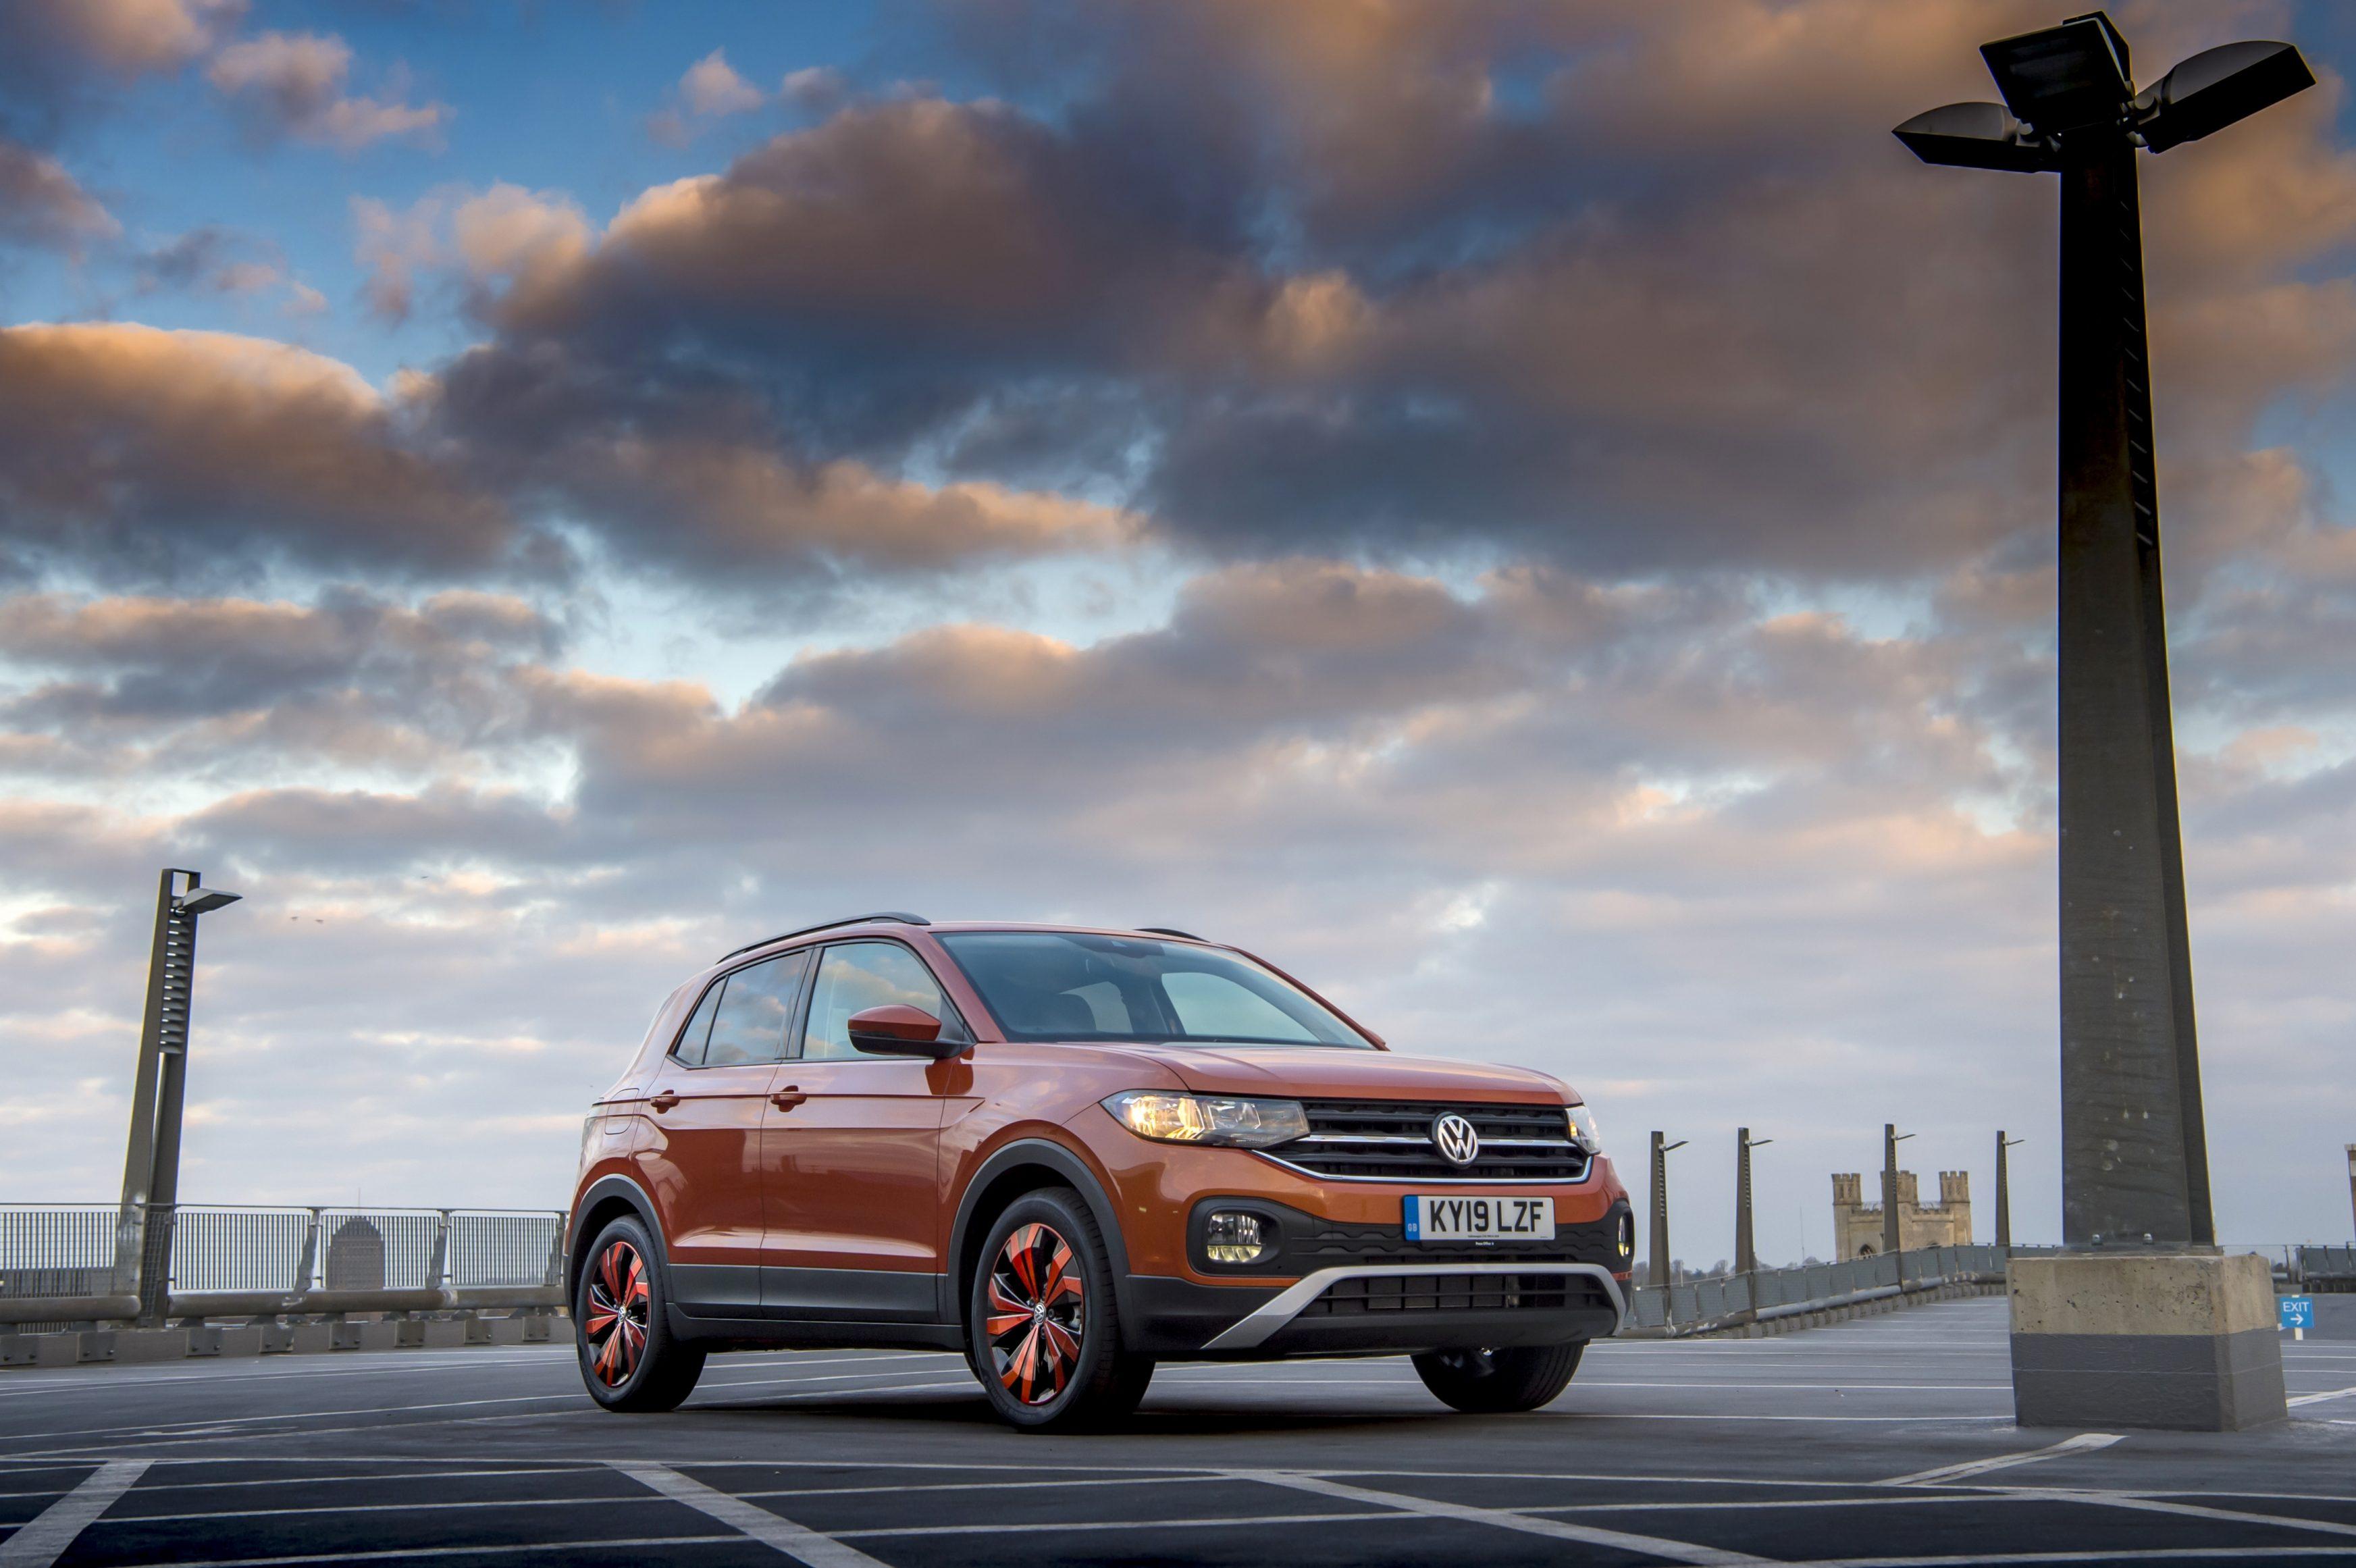 2021 Volkswagen T-Cross front side shot